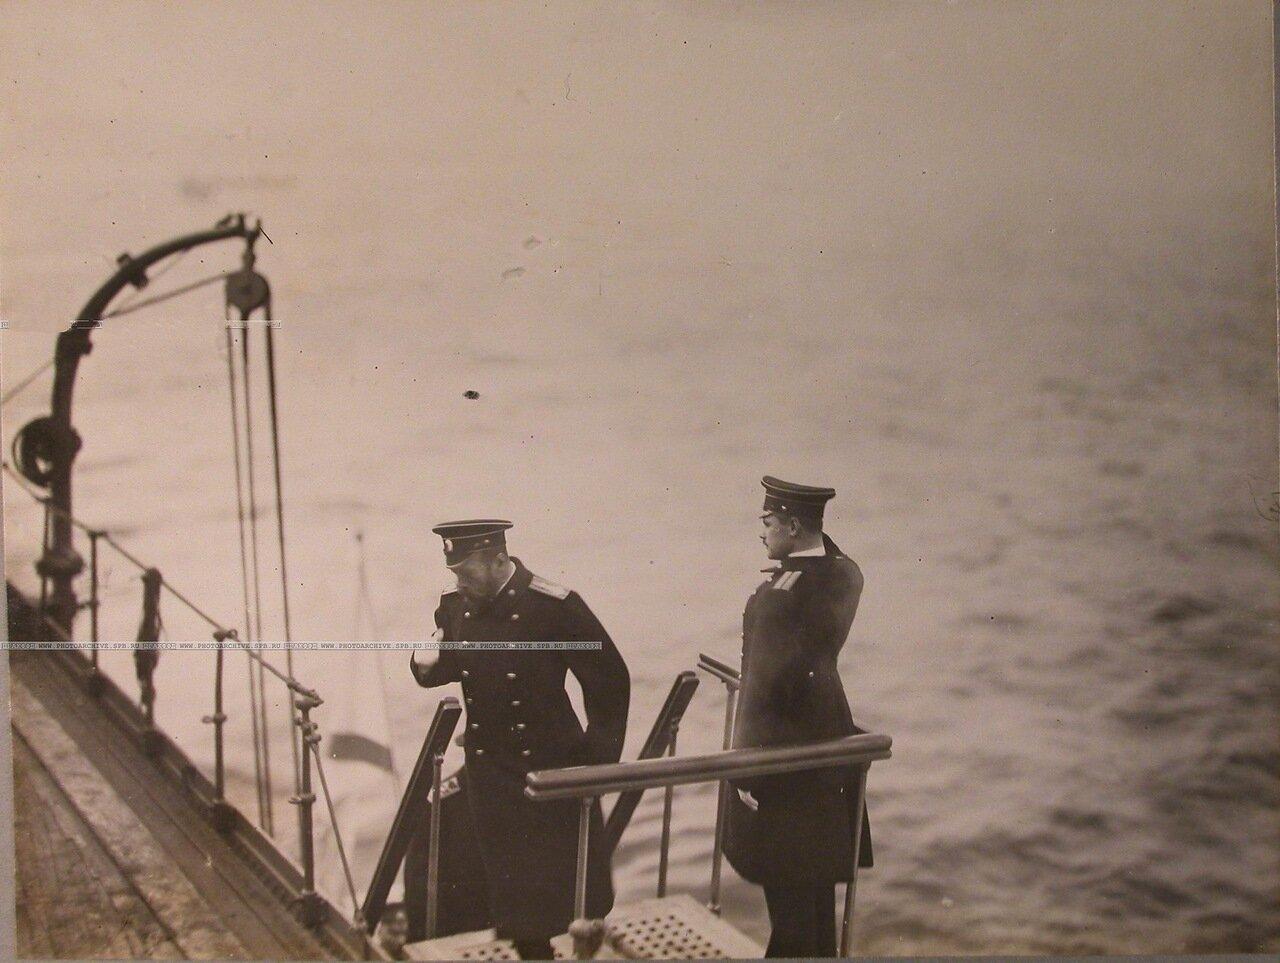 120. Император Николай II поднимается на верхнюю палубу линейного корабля «Полтава» во время его осмотра. 8 октября 1914 г.